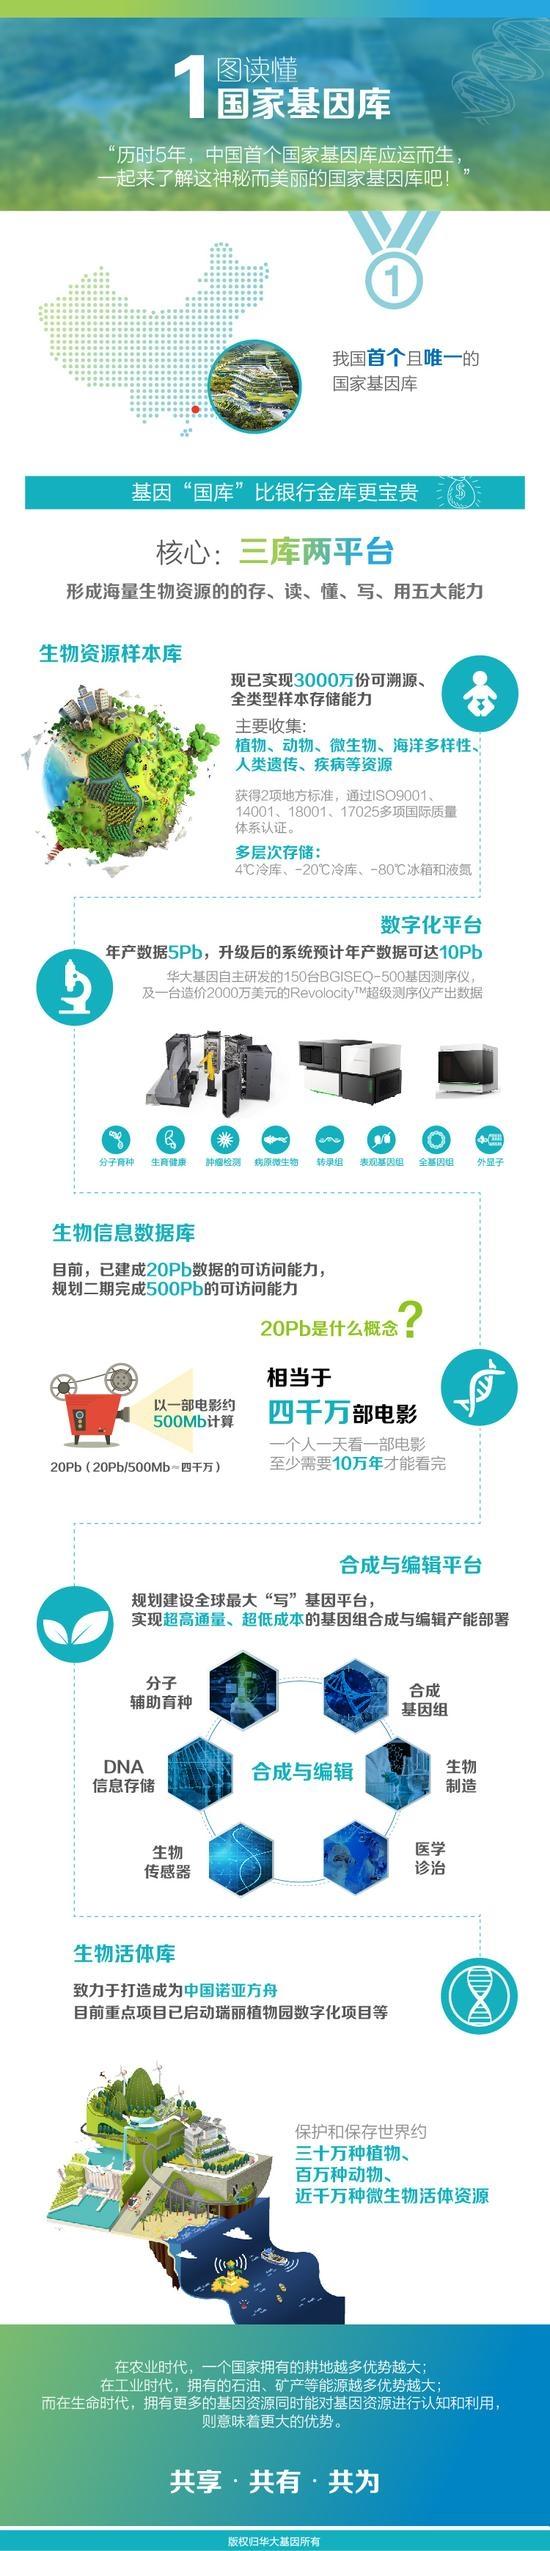 中国首个国家基因库开始运营:一图读懂